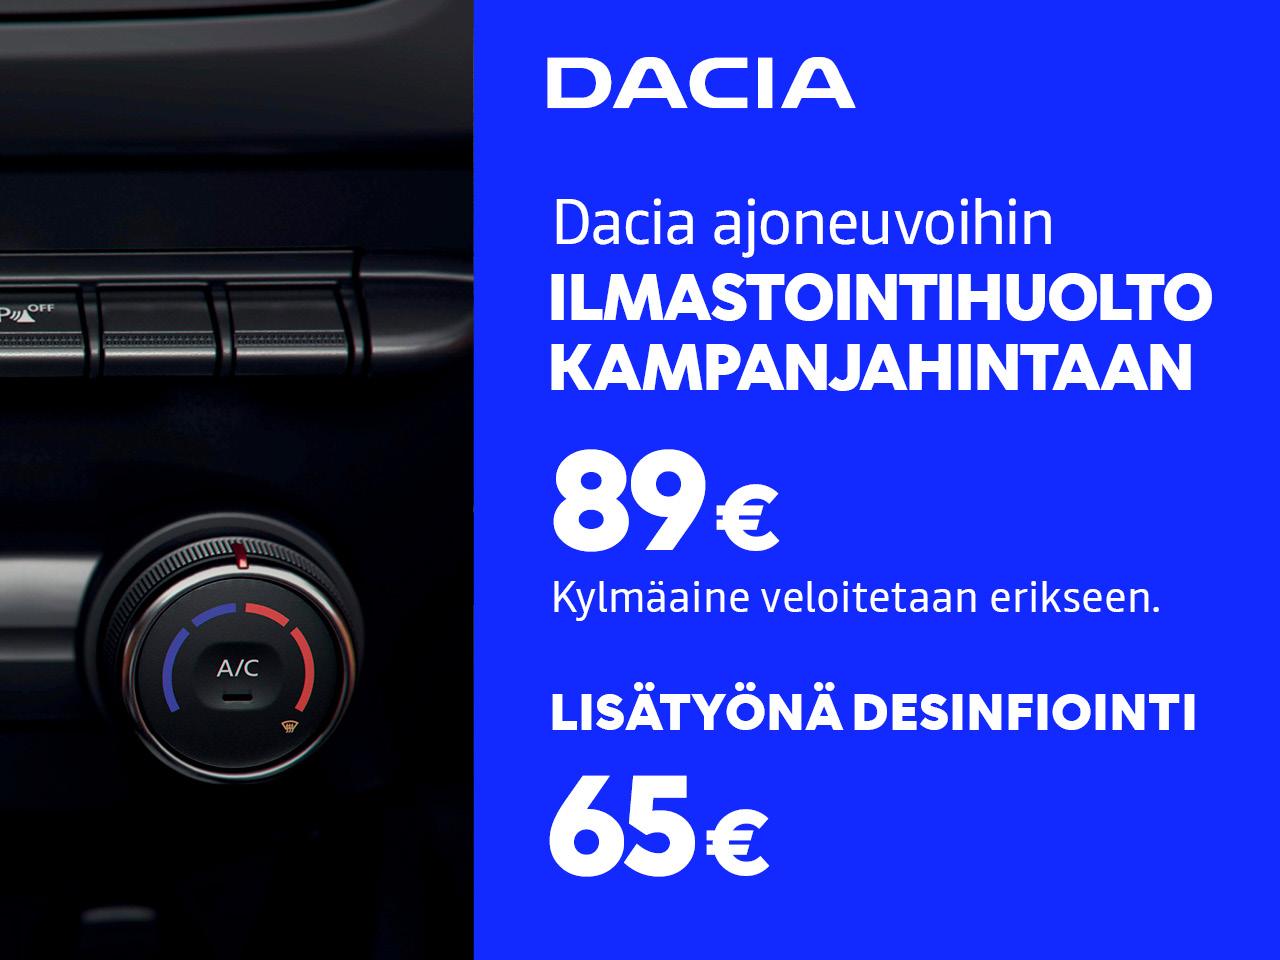 ILMASTOINTIHUOLTO 89 € DACIA-AJONEUVOIHIN